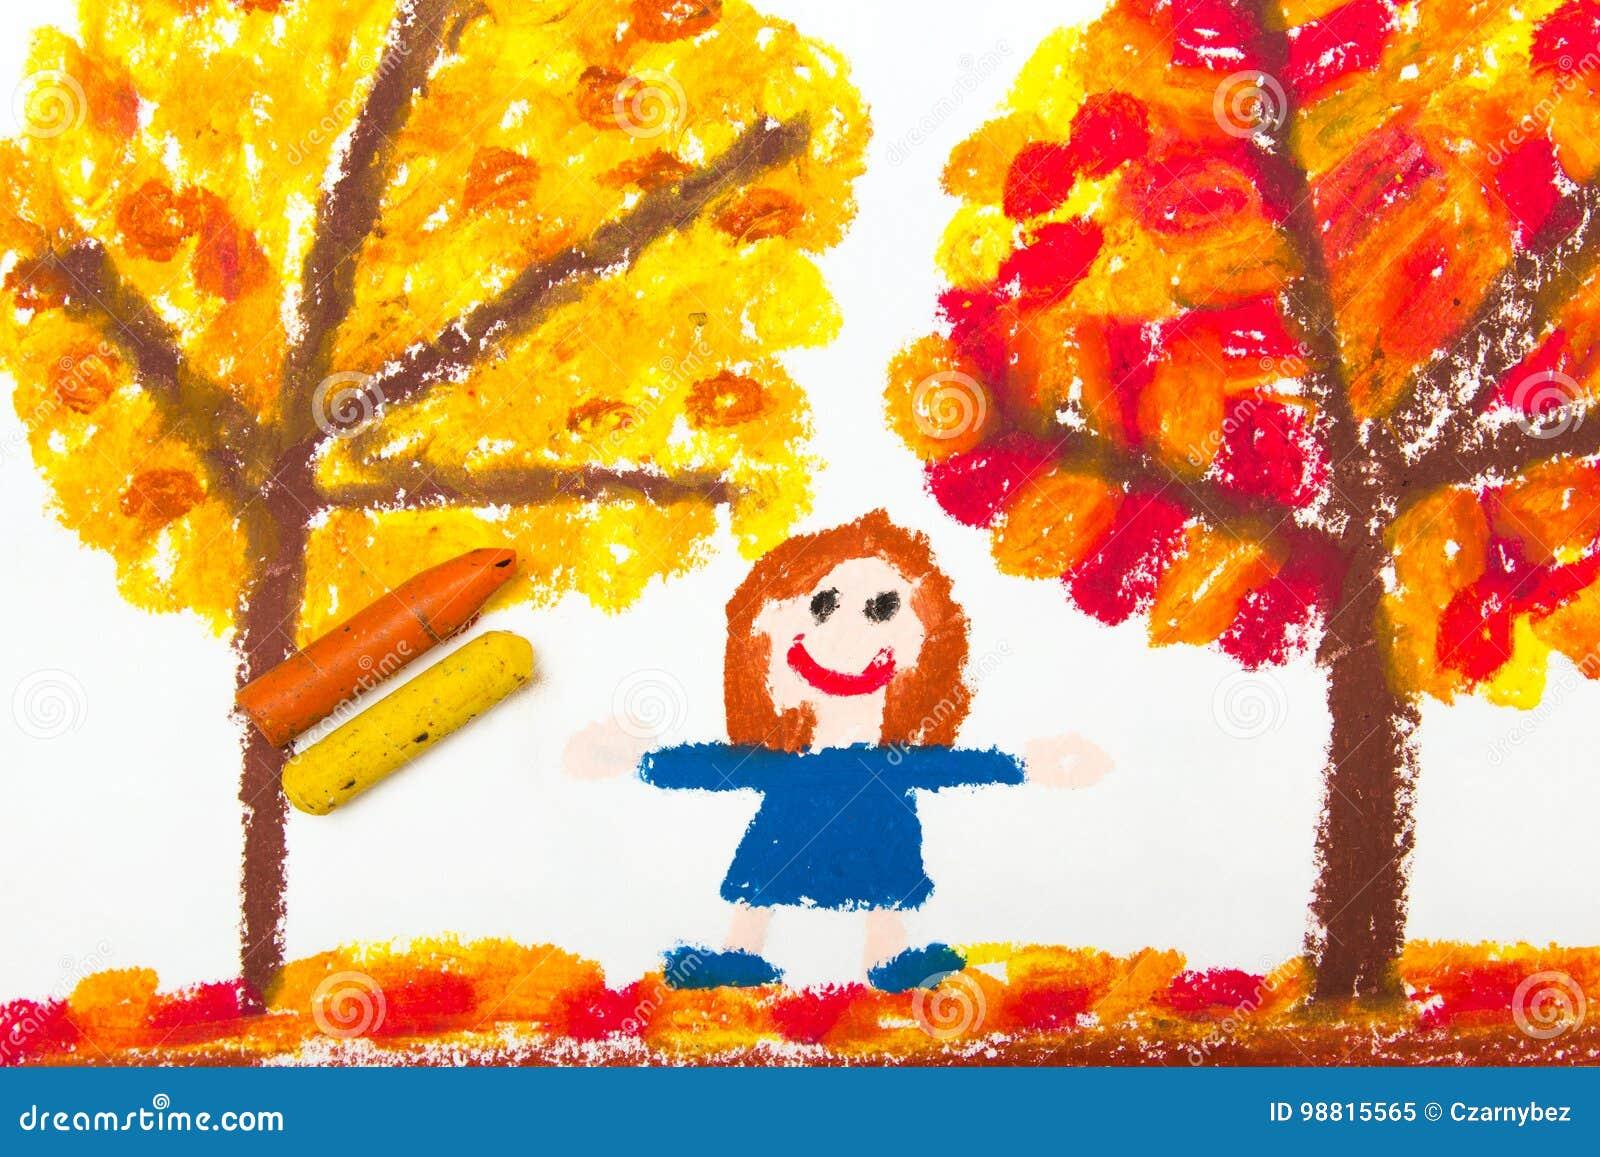 Zeichnen Herbstbaume Mit Den Gelben Und Rotblattern Und Glucklichem